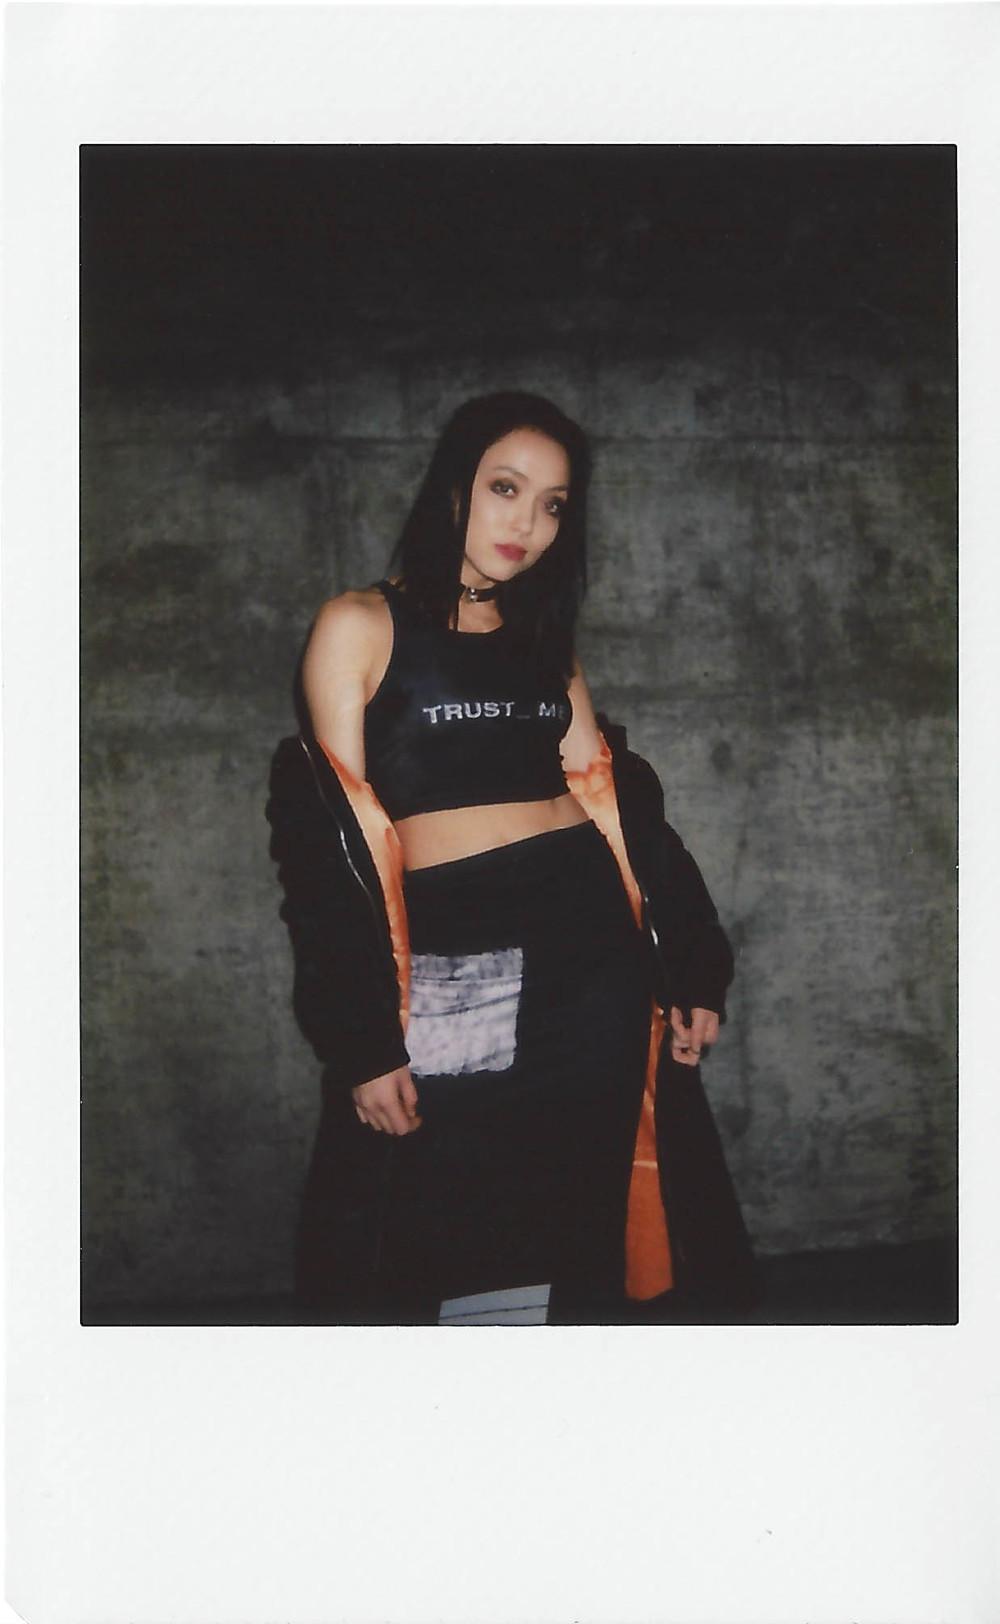 Lyn-Max-LA-Polaroid-casenruiz.jpg